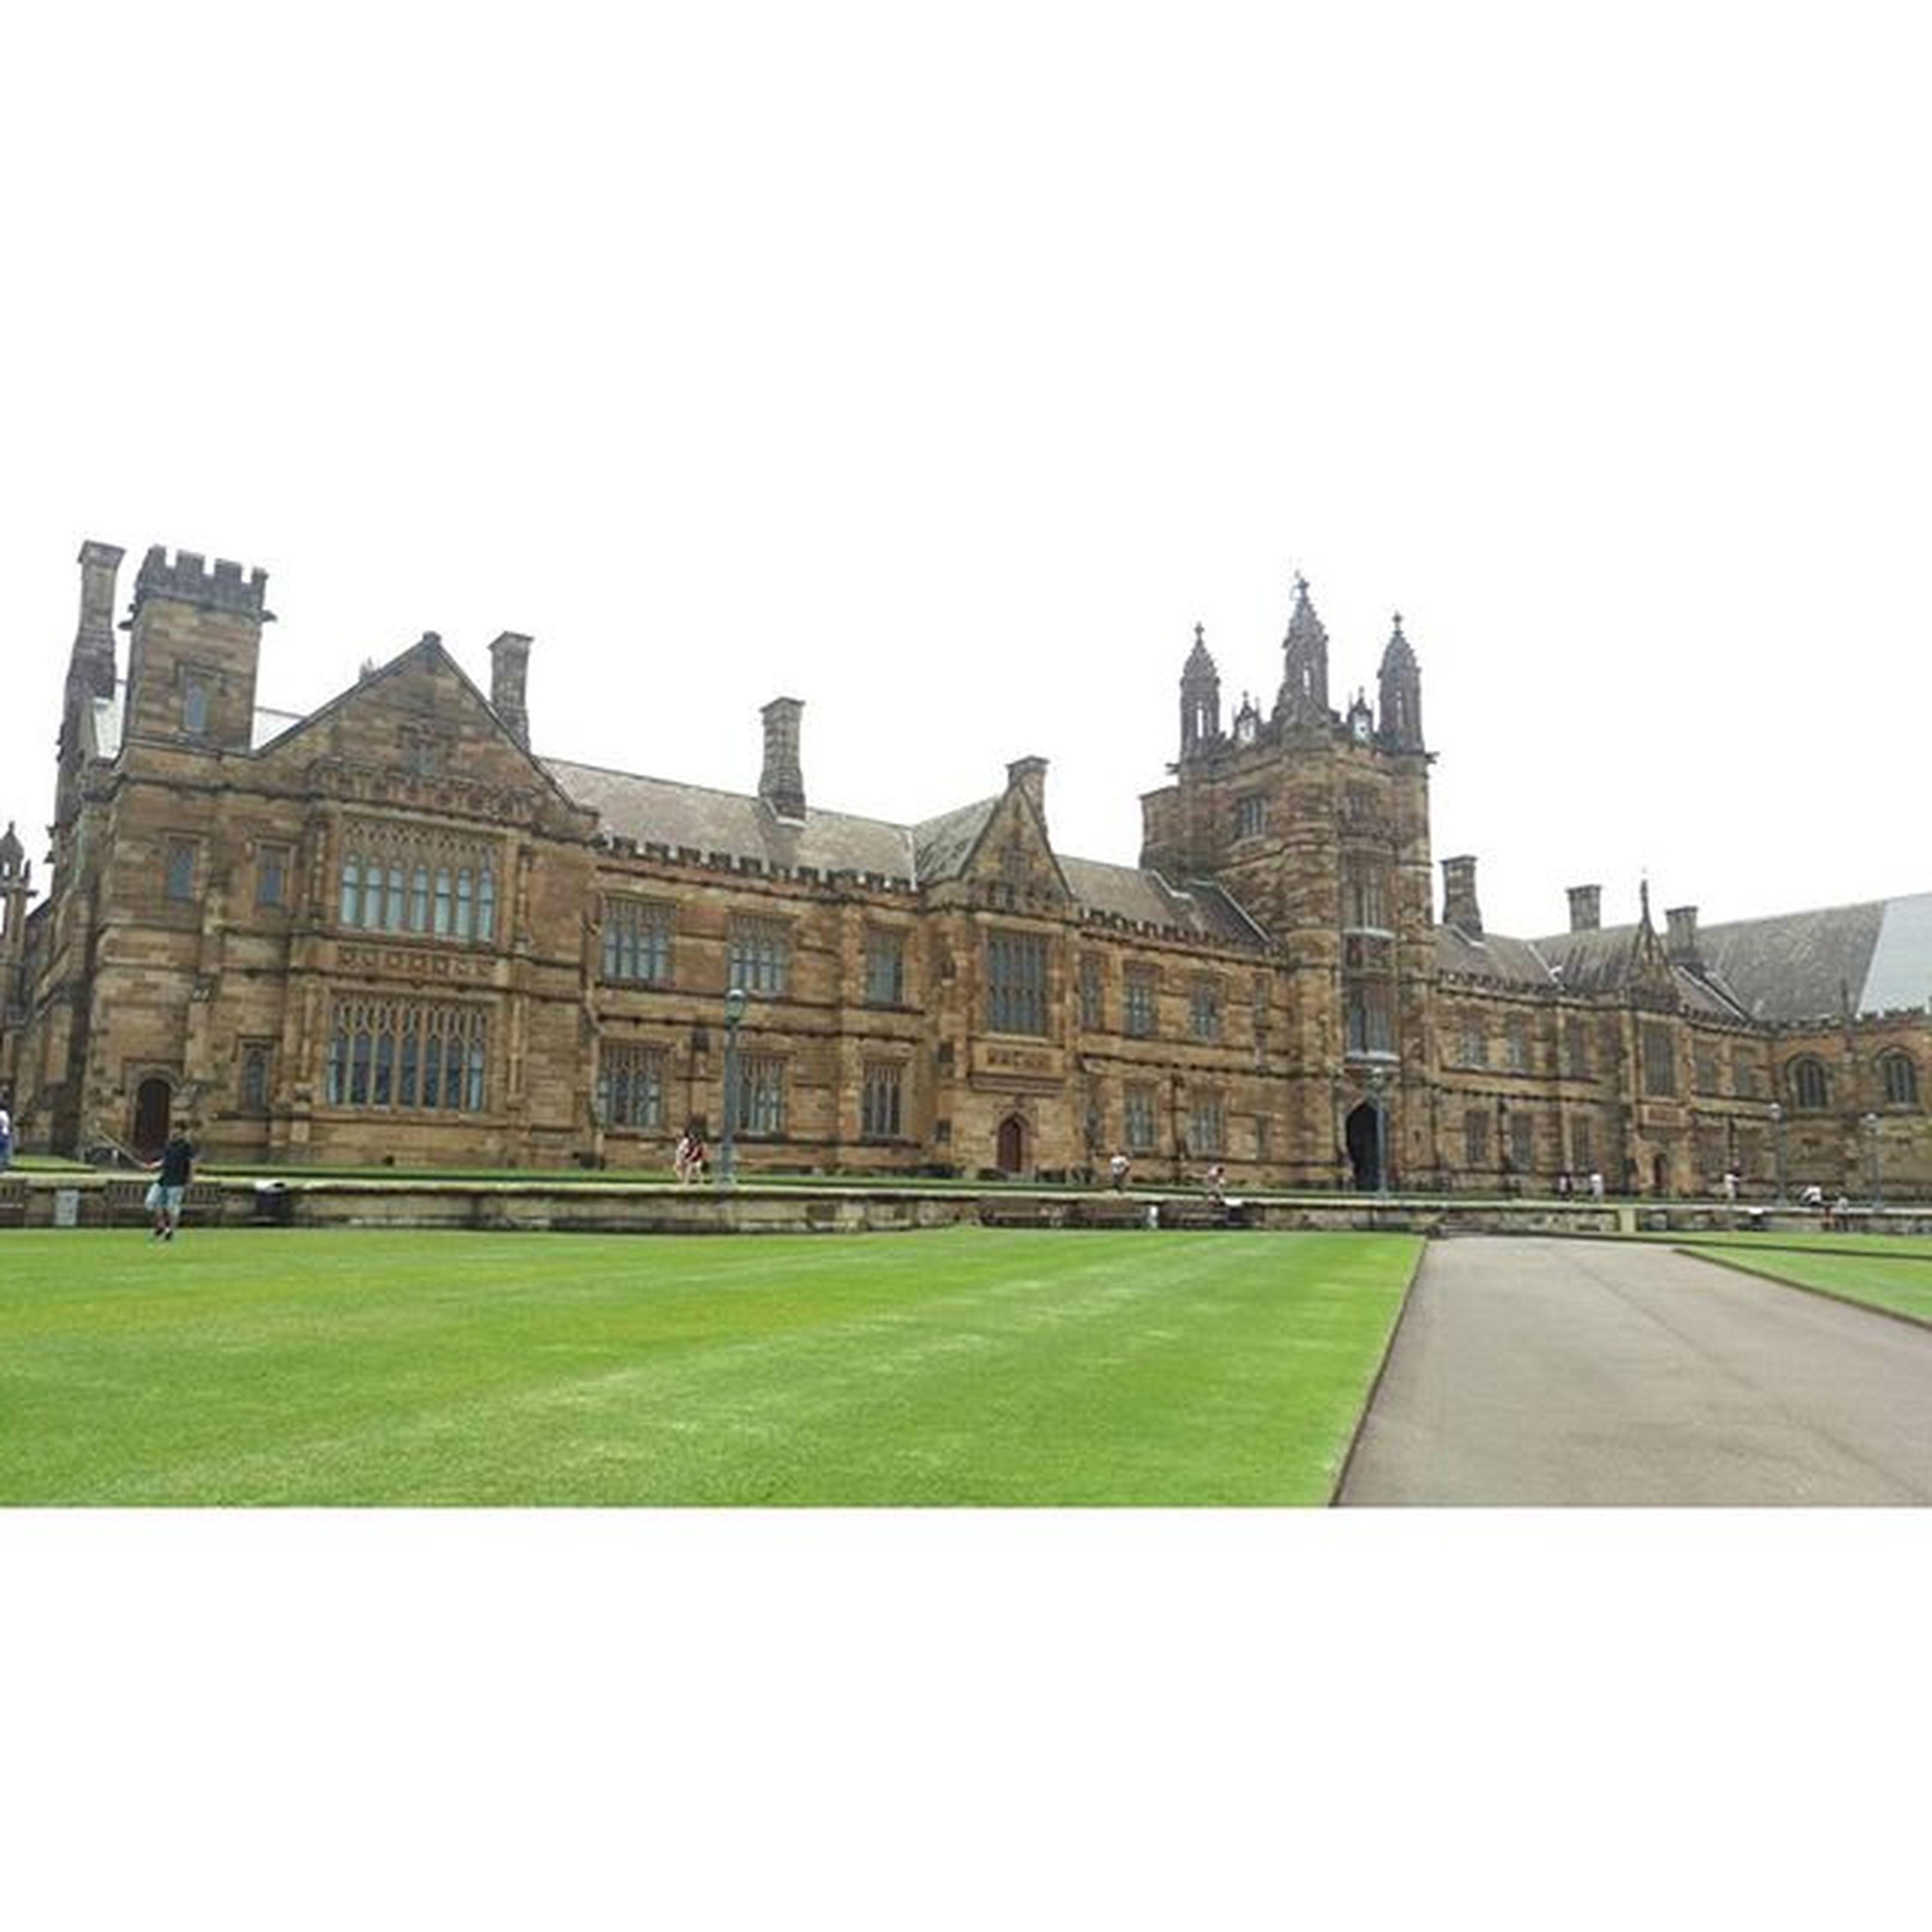 傳說中哈利波特念的霍格華茲學院,真實版本!雪梨大學 Universityofsydney 覺得跟電影裡面一模一樣